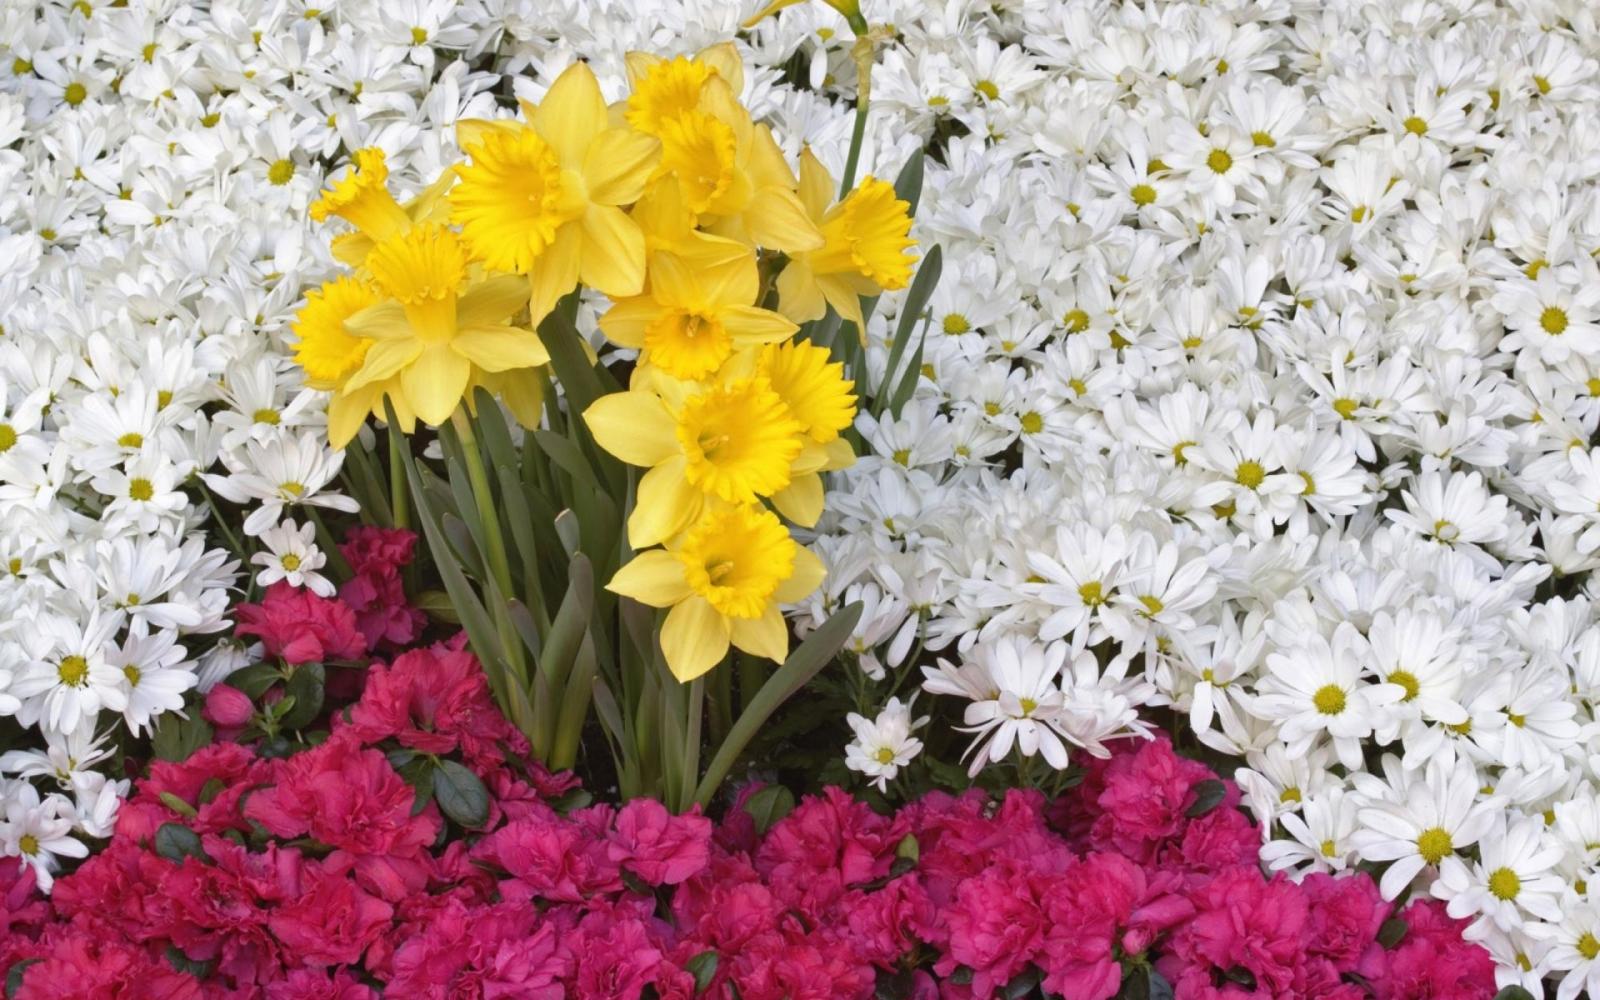 Цветы для любимой фото 22 фотография